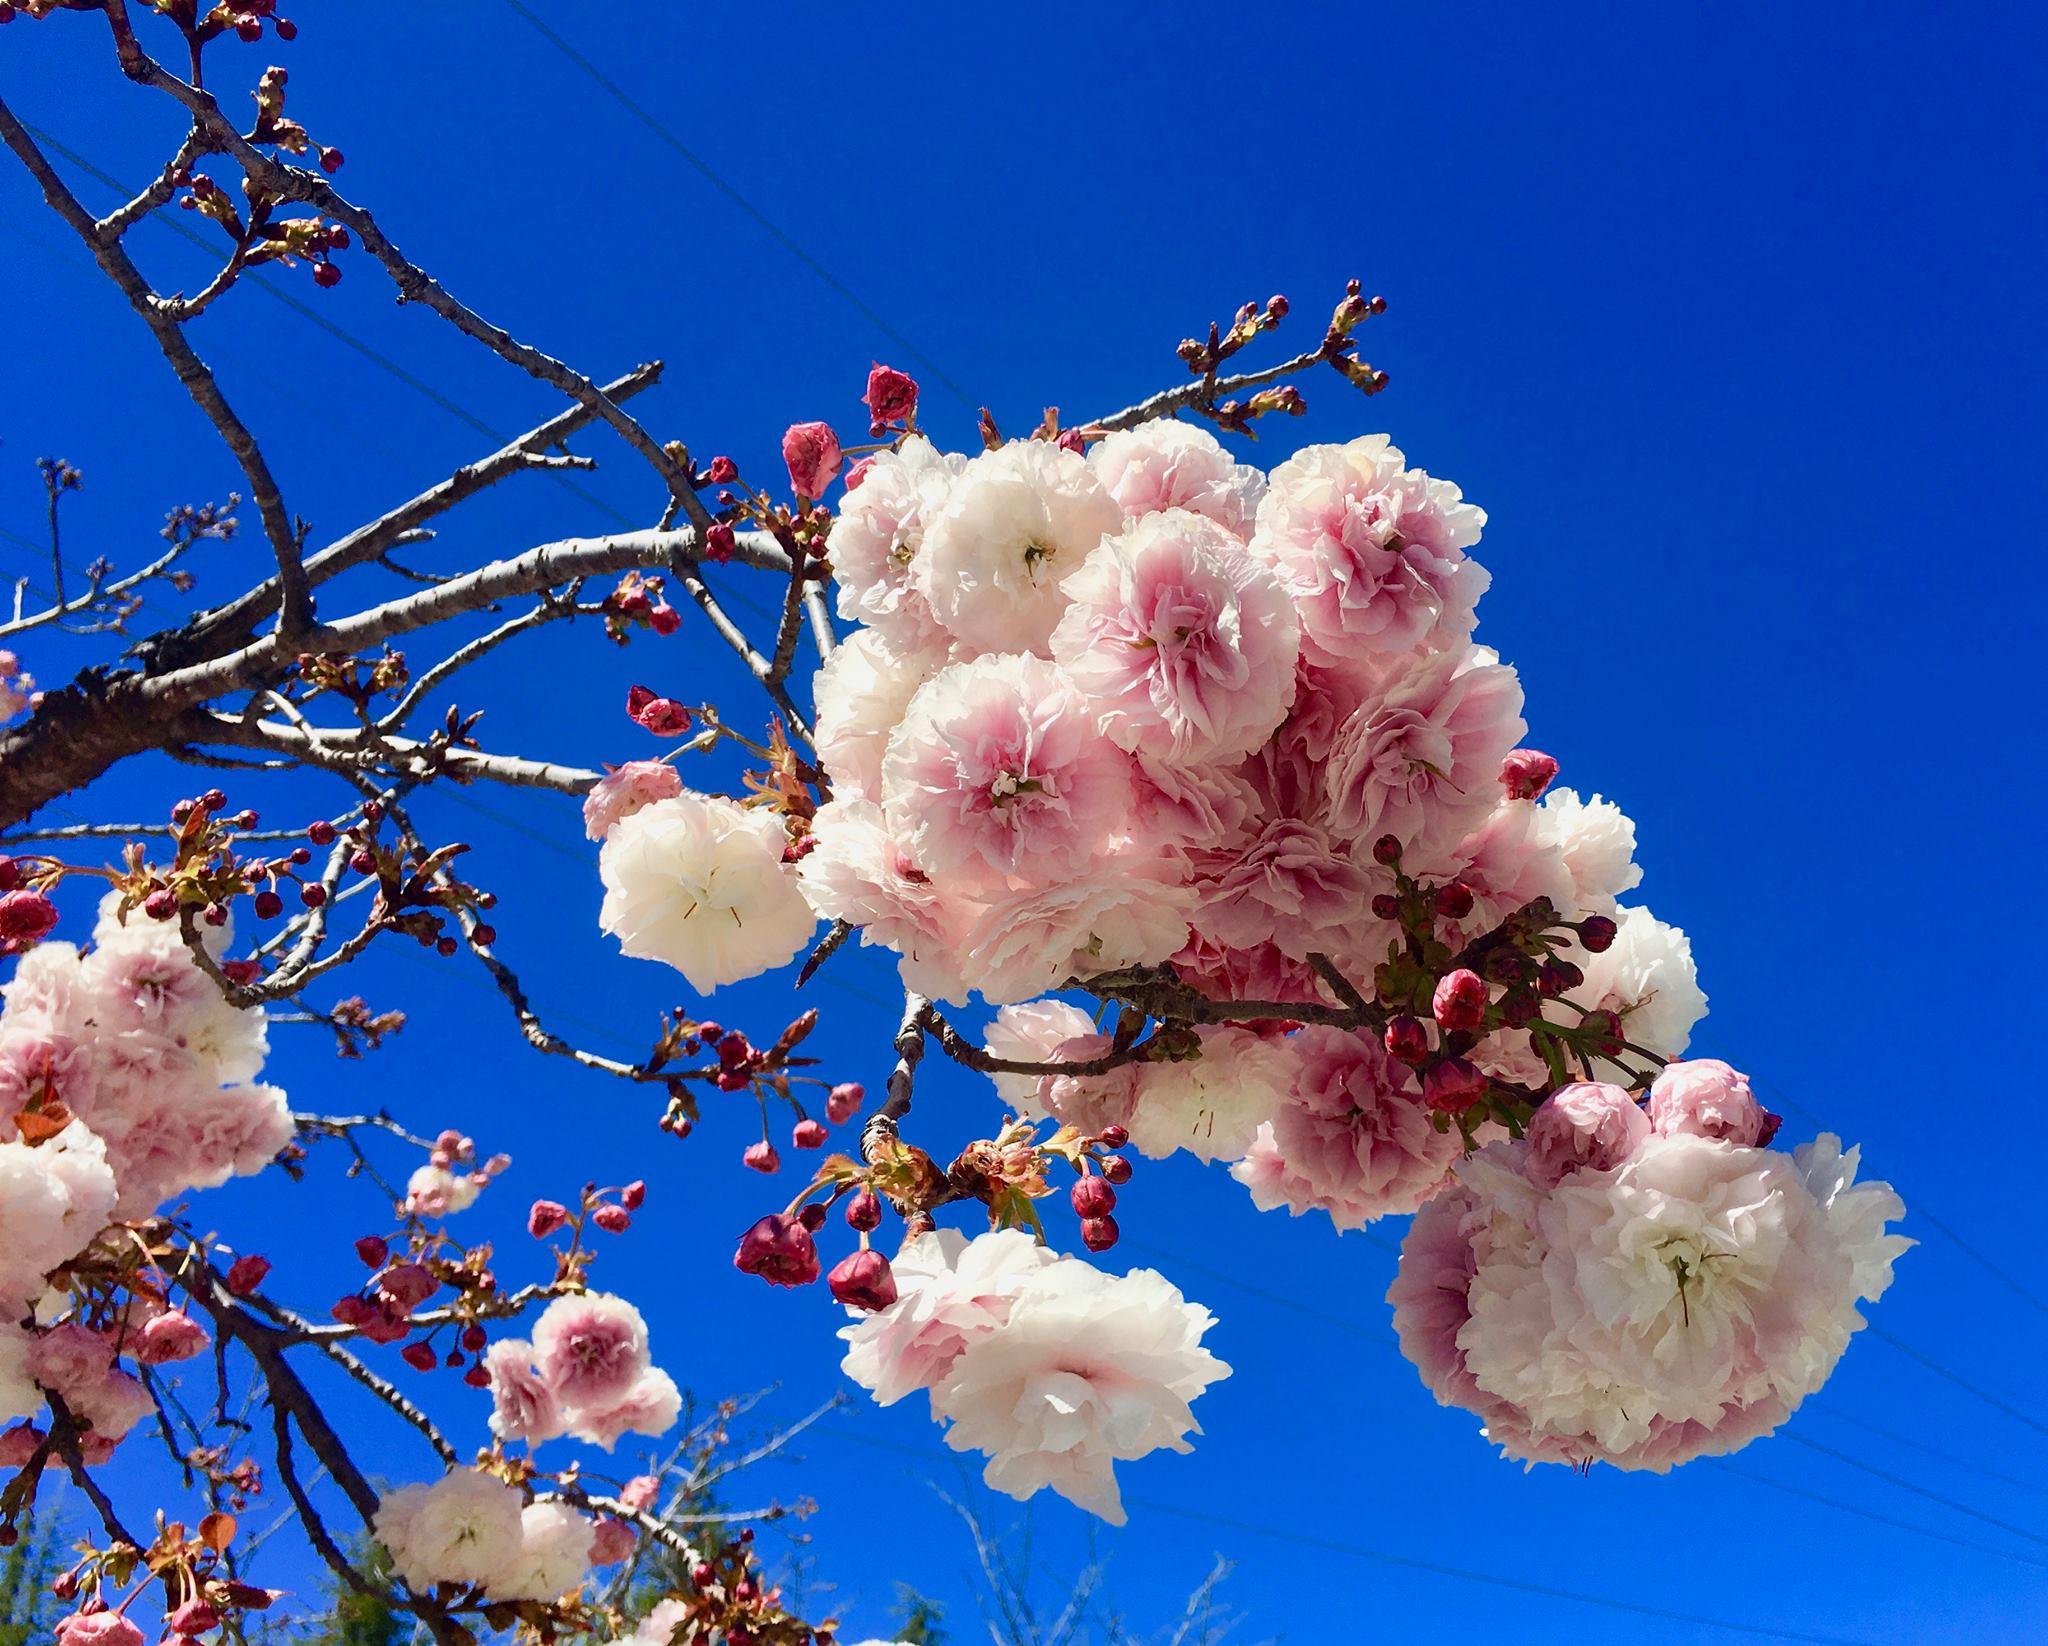 springtime-in-sf-bay-area-2.jpg